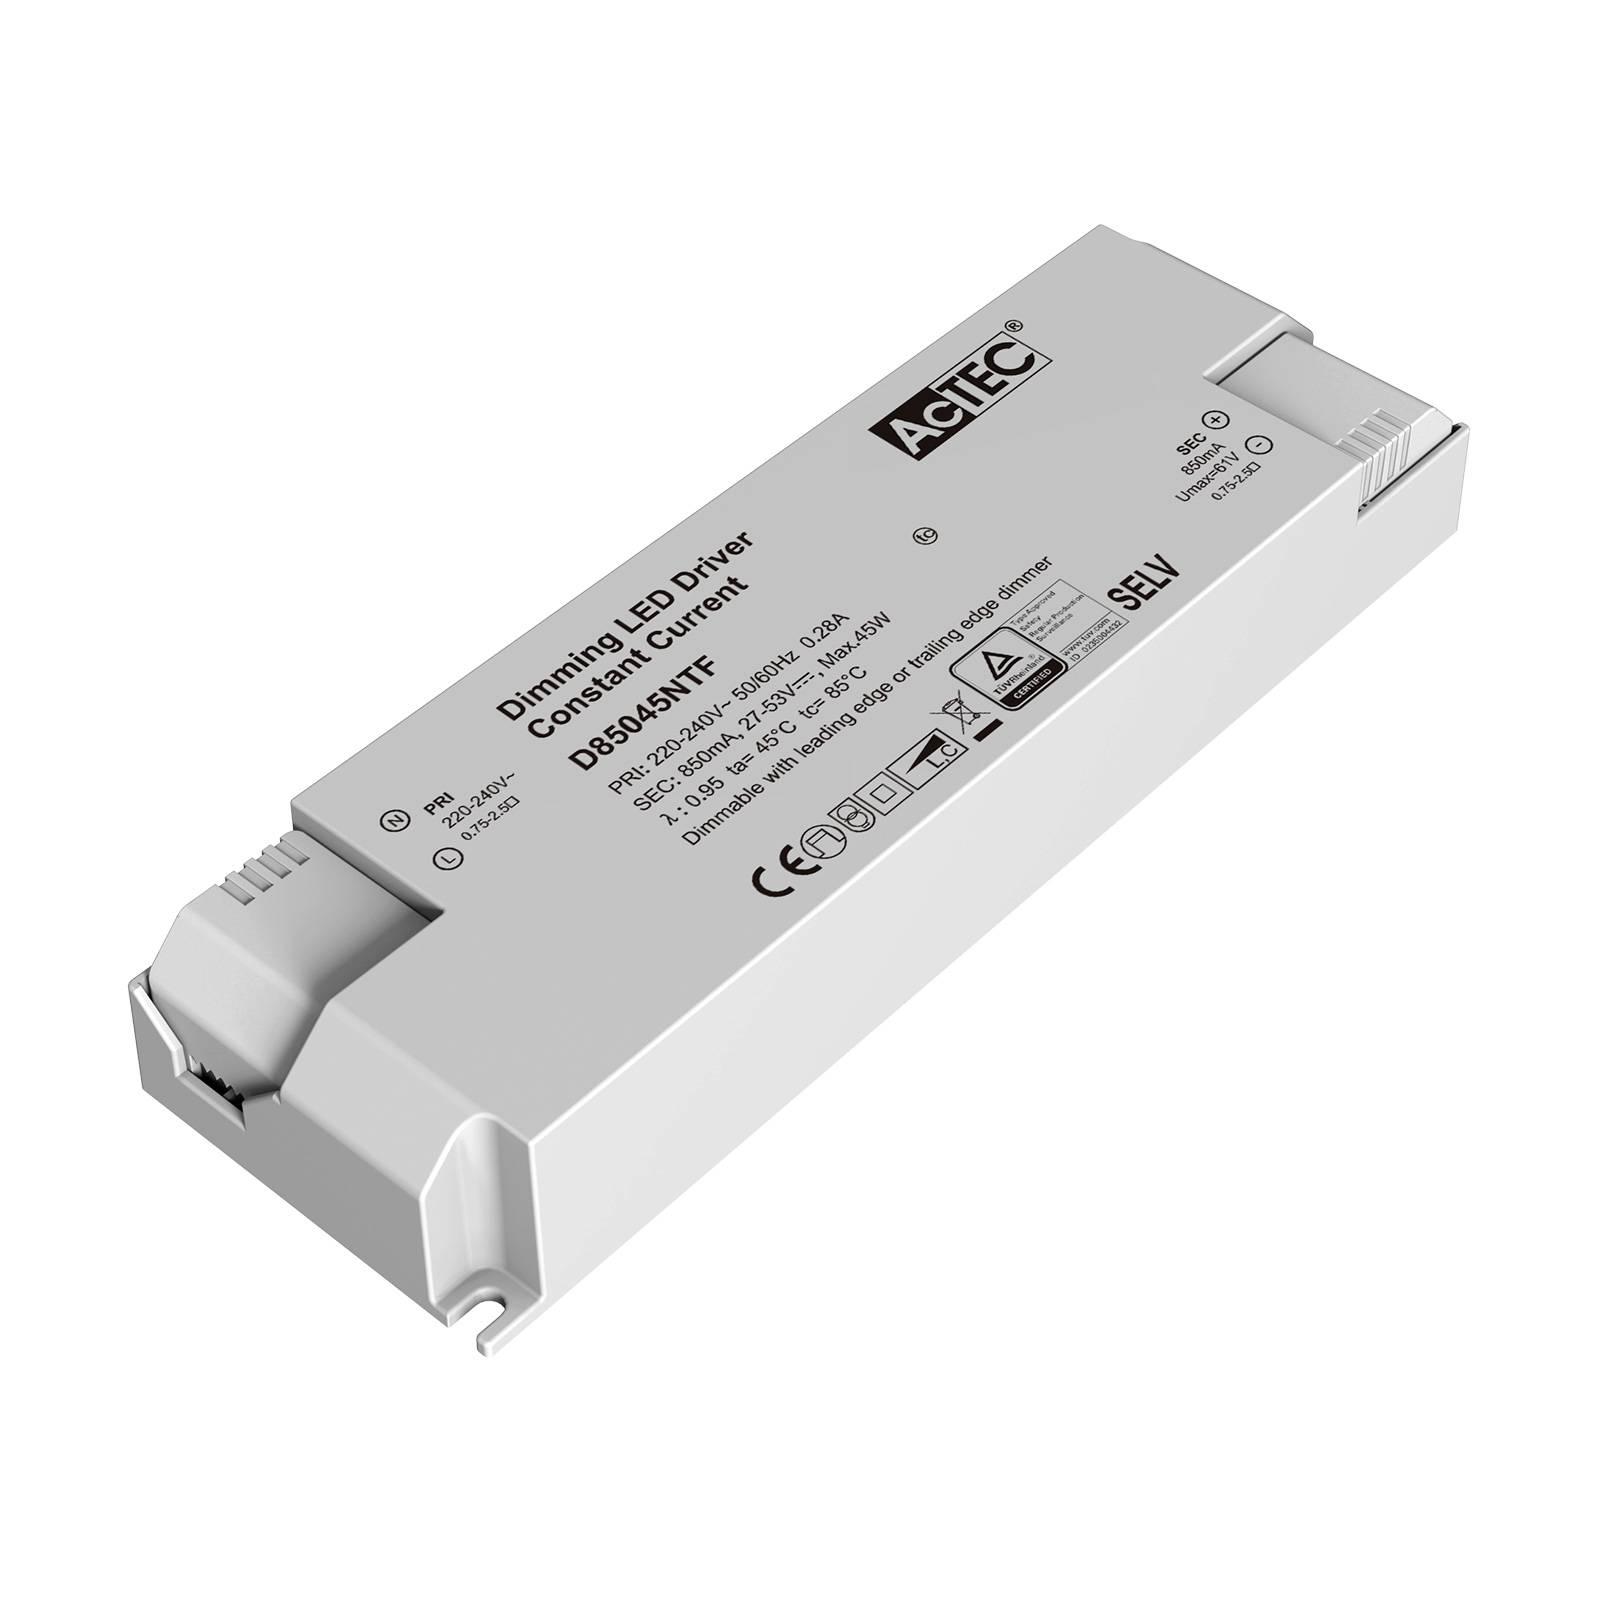 ACTEC AcTEC Triac LED ovladač CC max. 45W 850mA